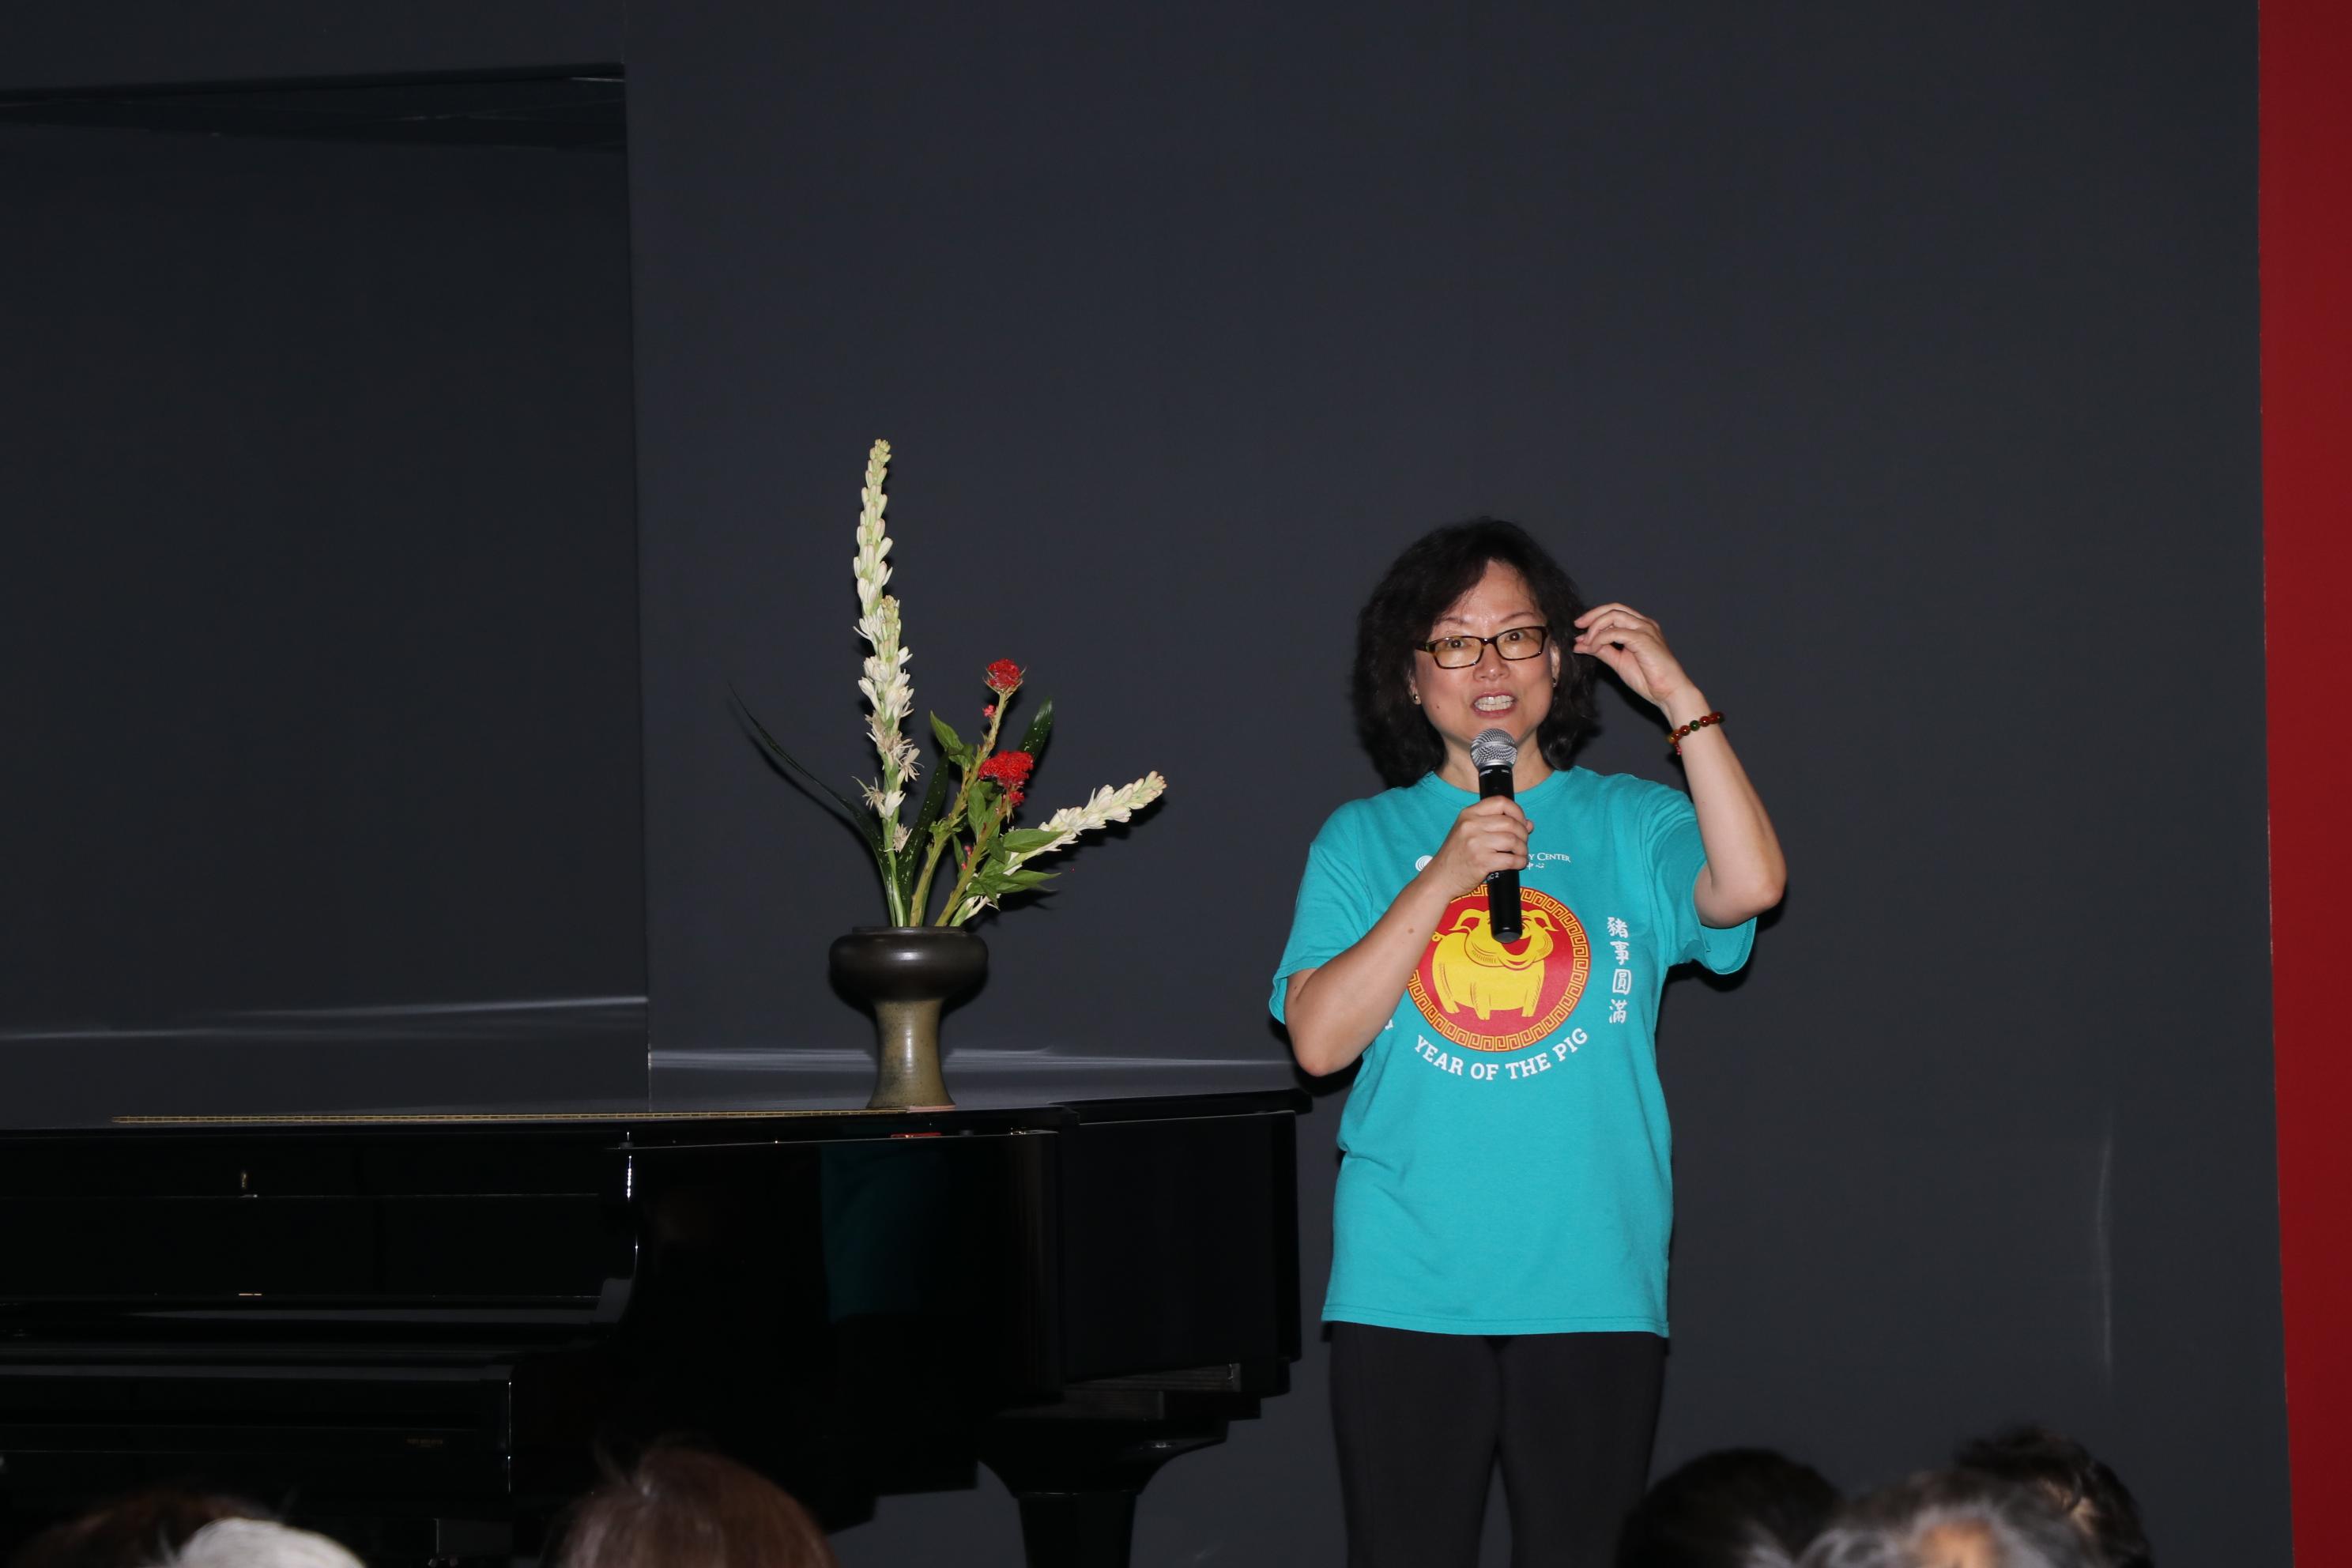 中華文化中心執行長華啟梅致詞,感謝所有義工及捐贈者,讓中華文化中心40周年更具意義。